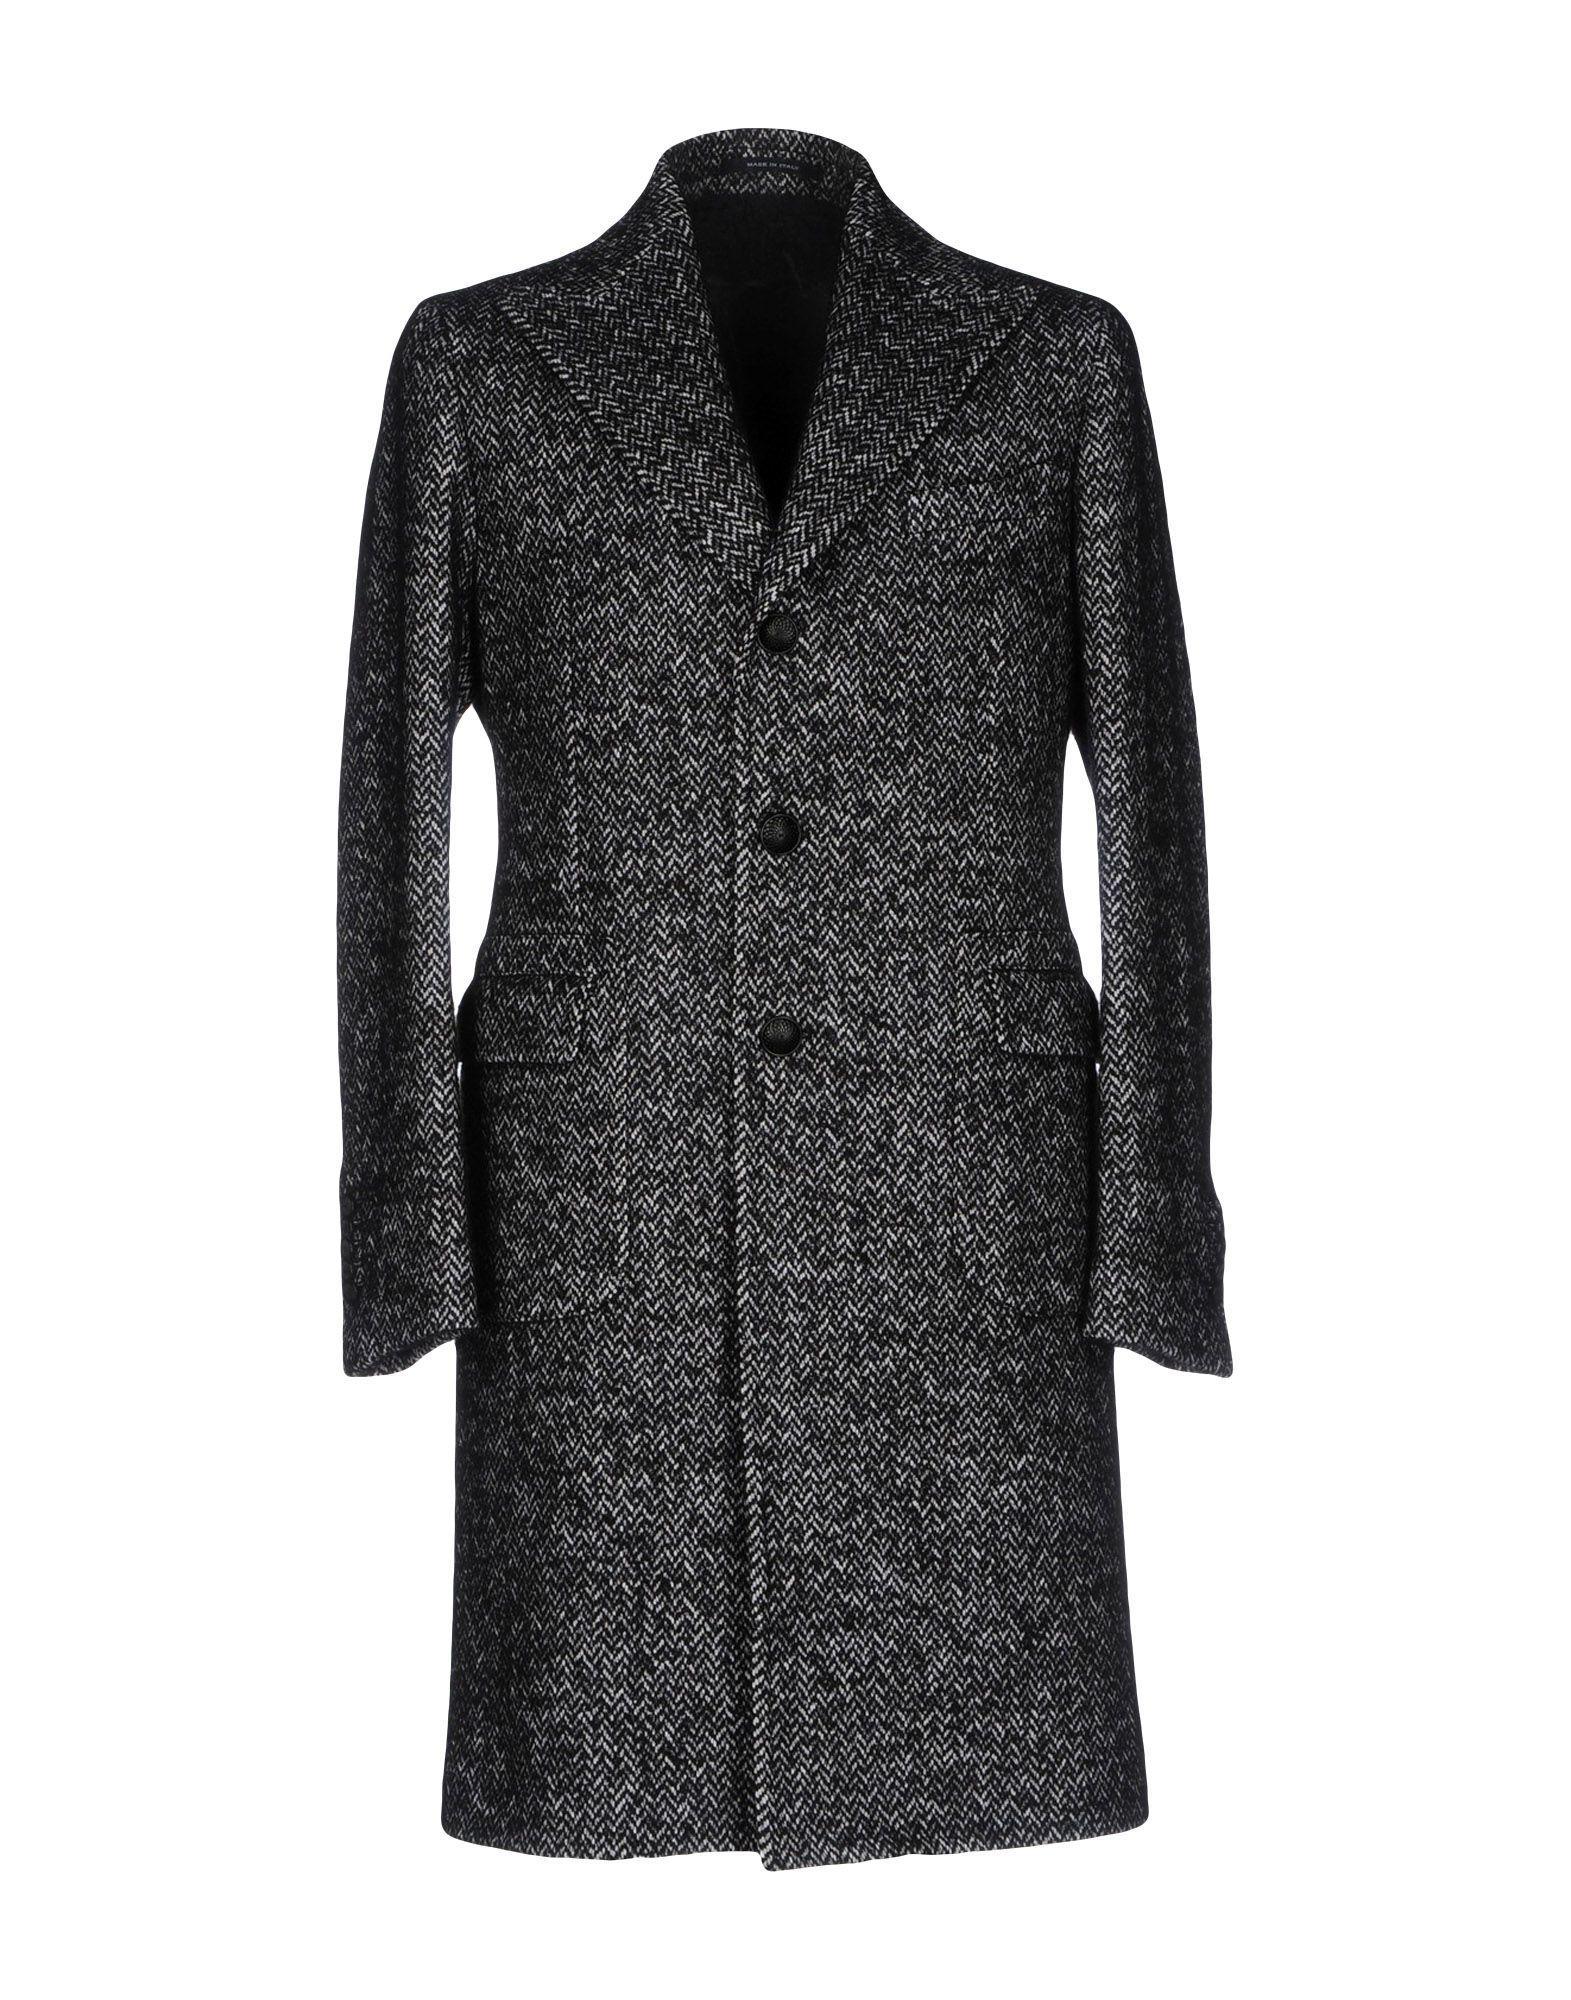 Tagliatore Coat In Black